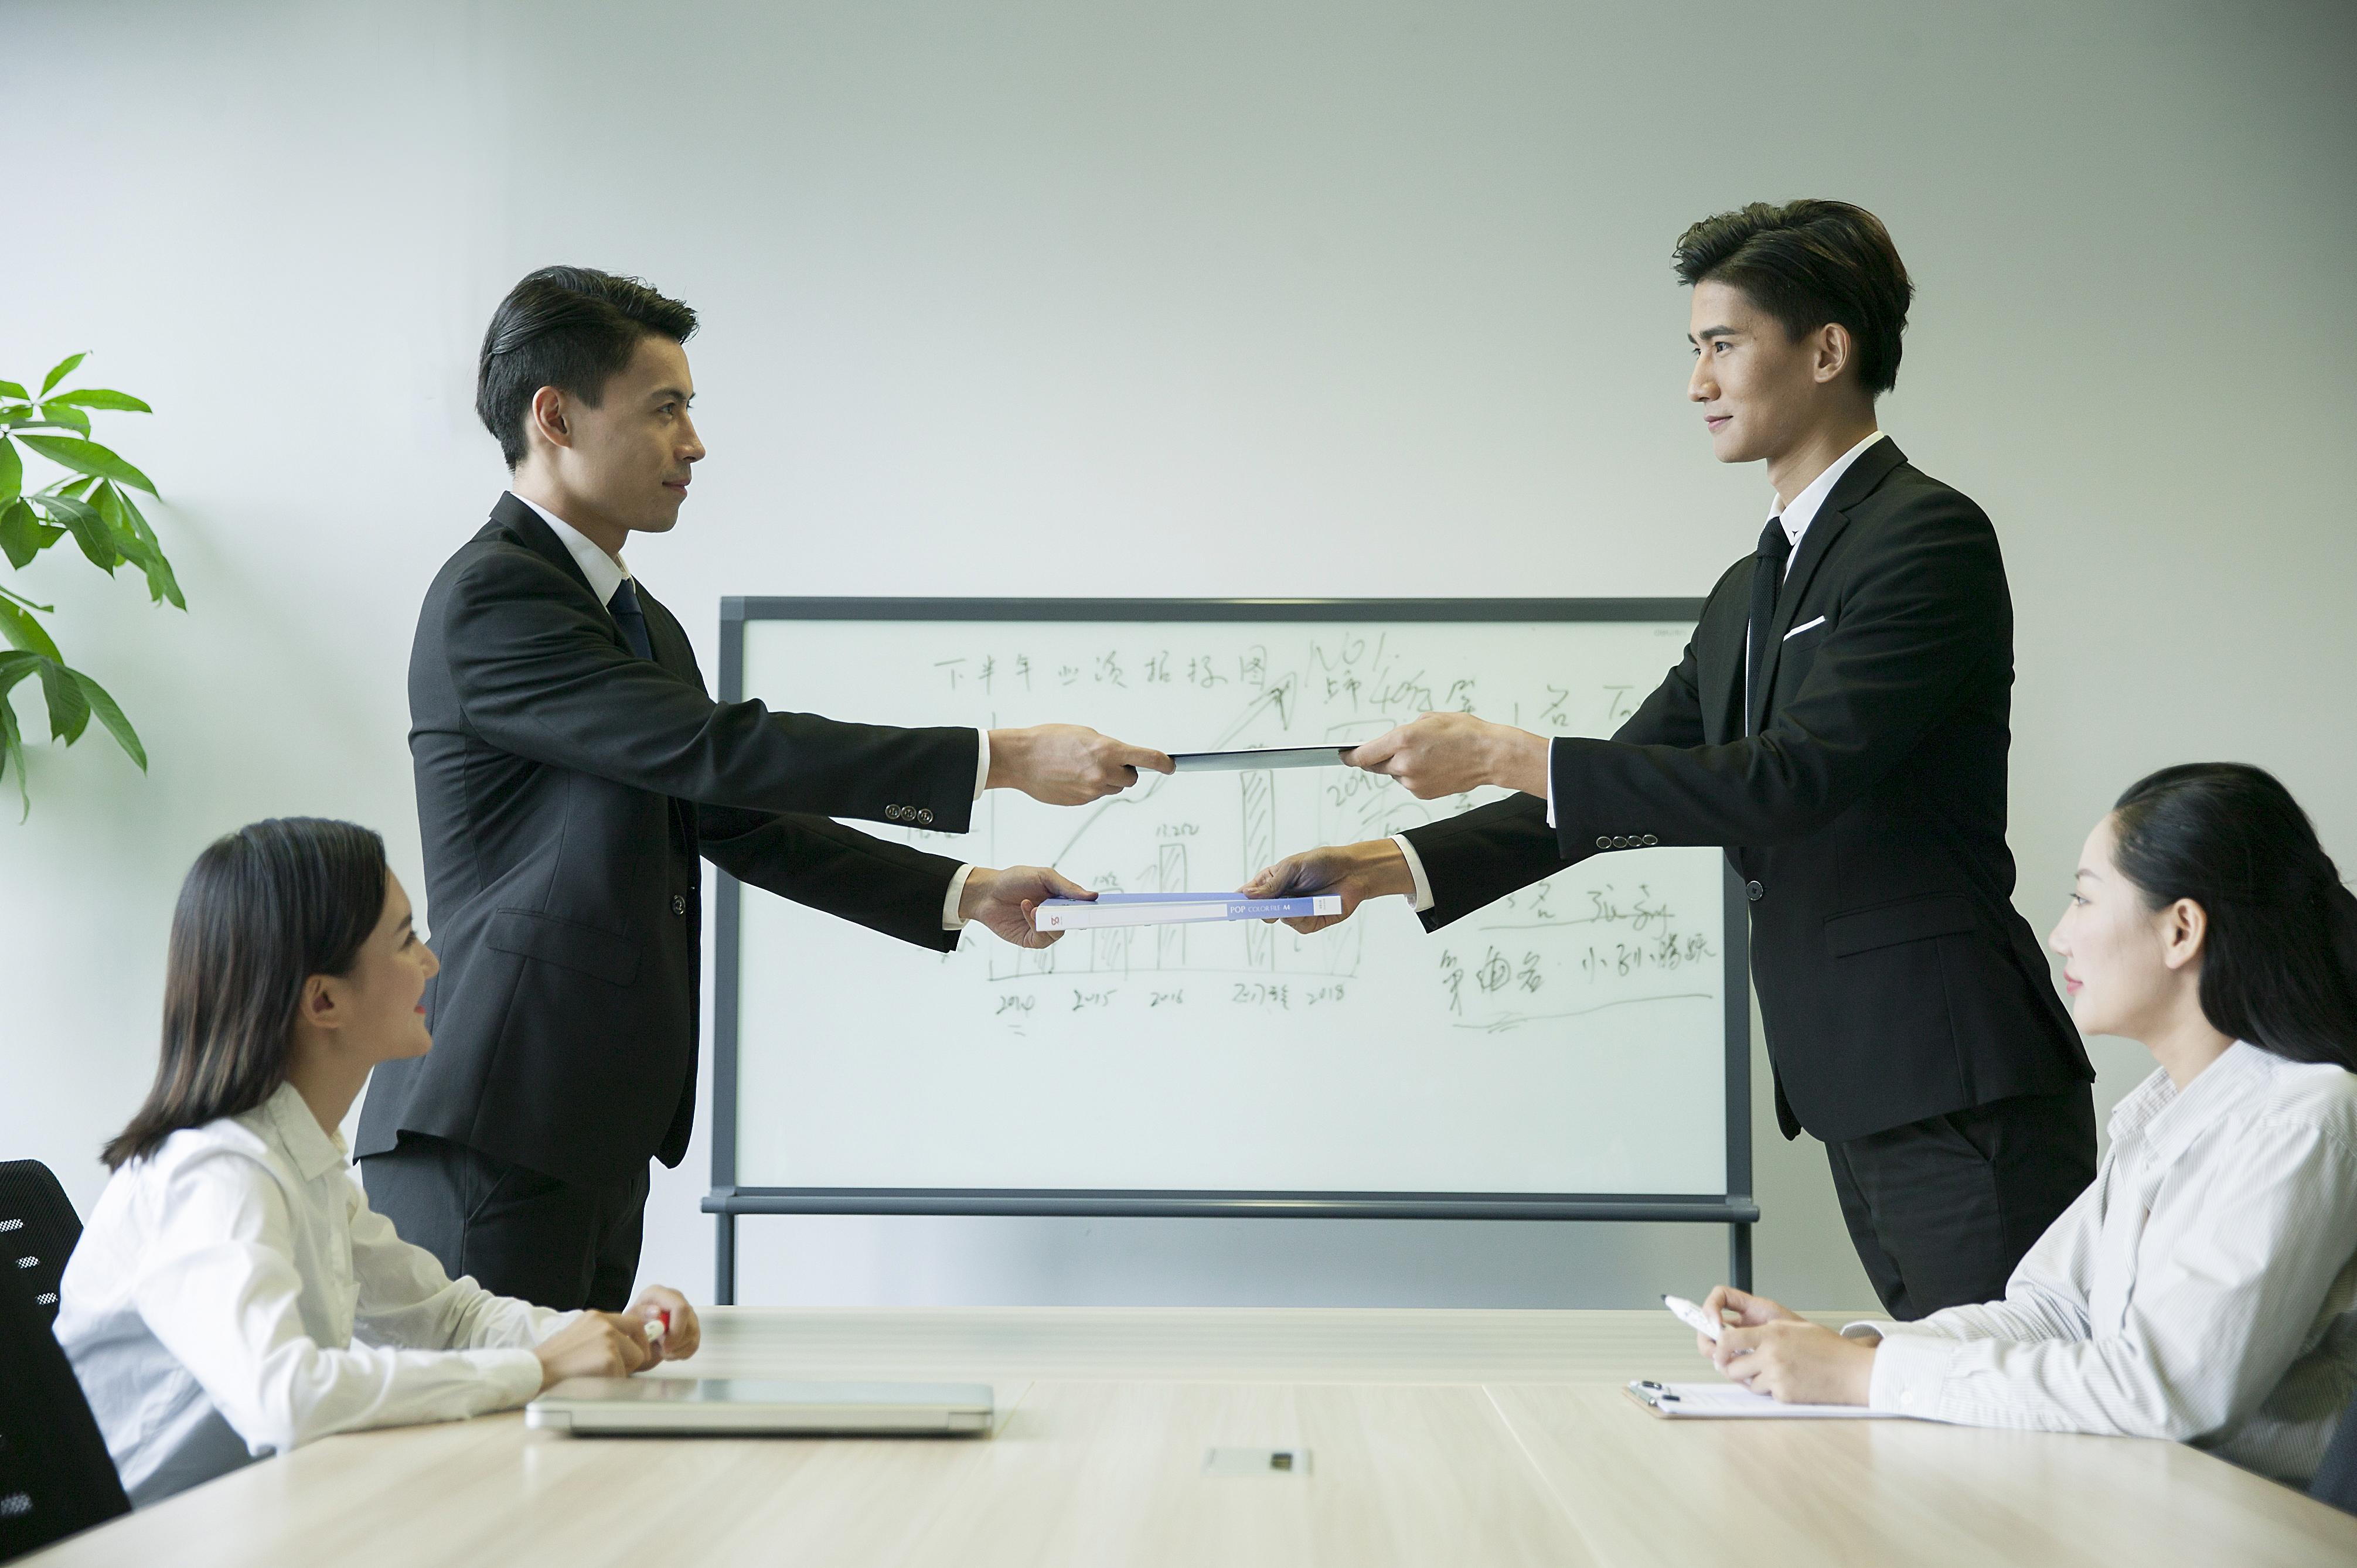 股份挂靠协议是否具有完全的法律效力